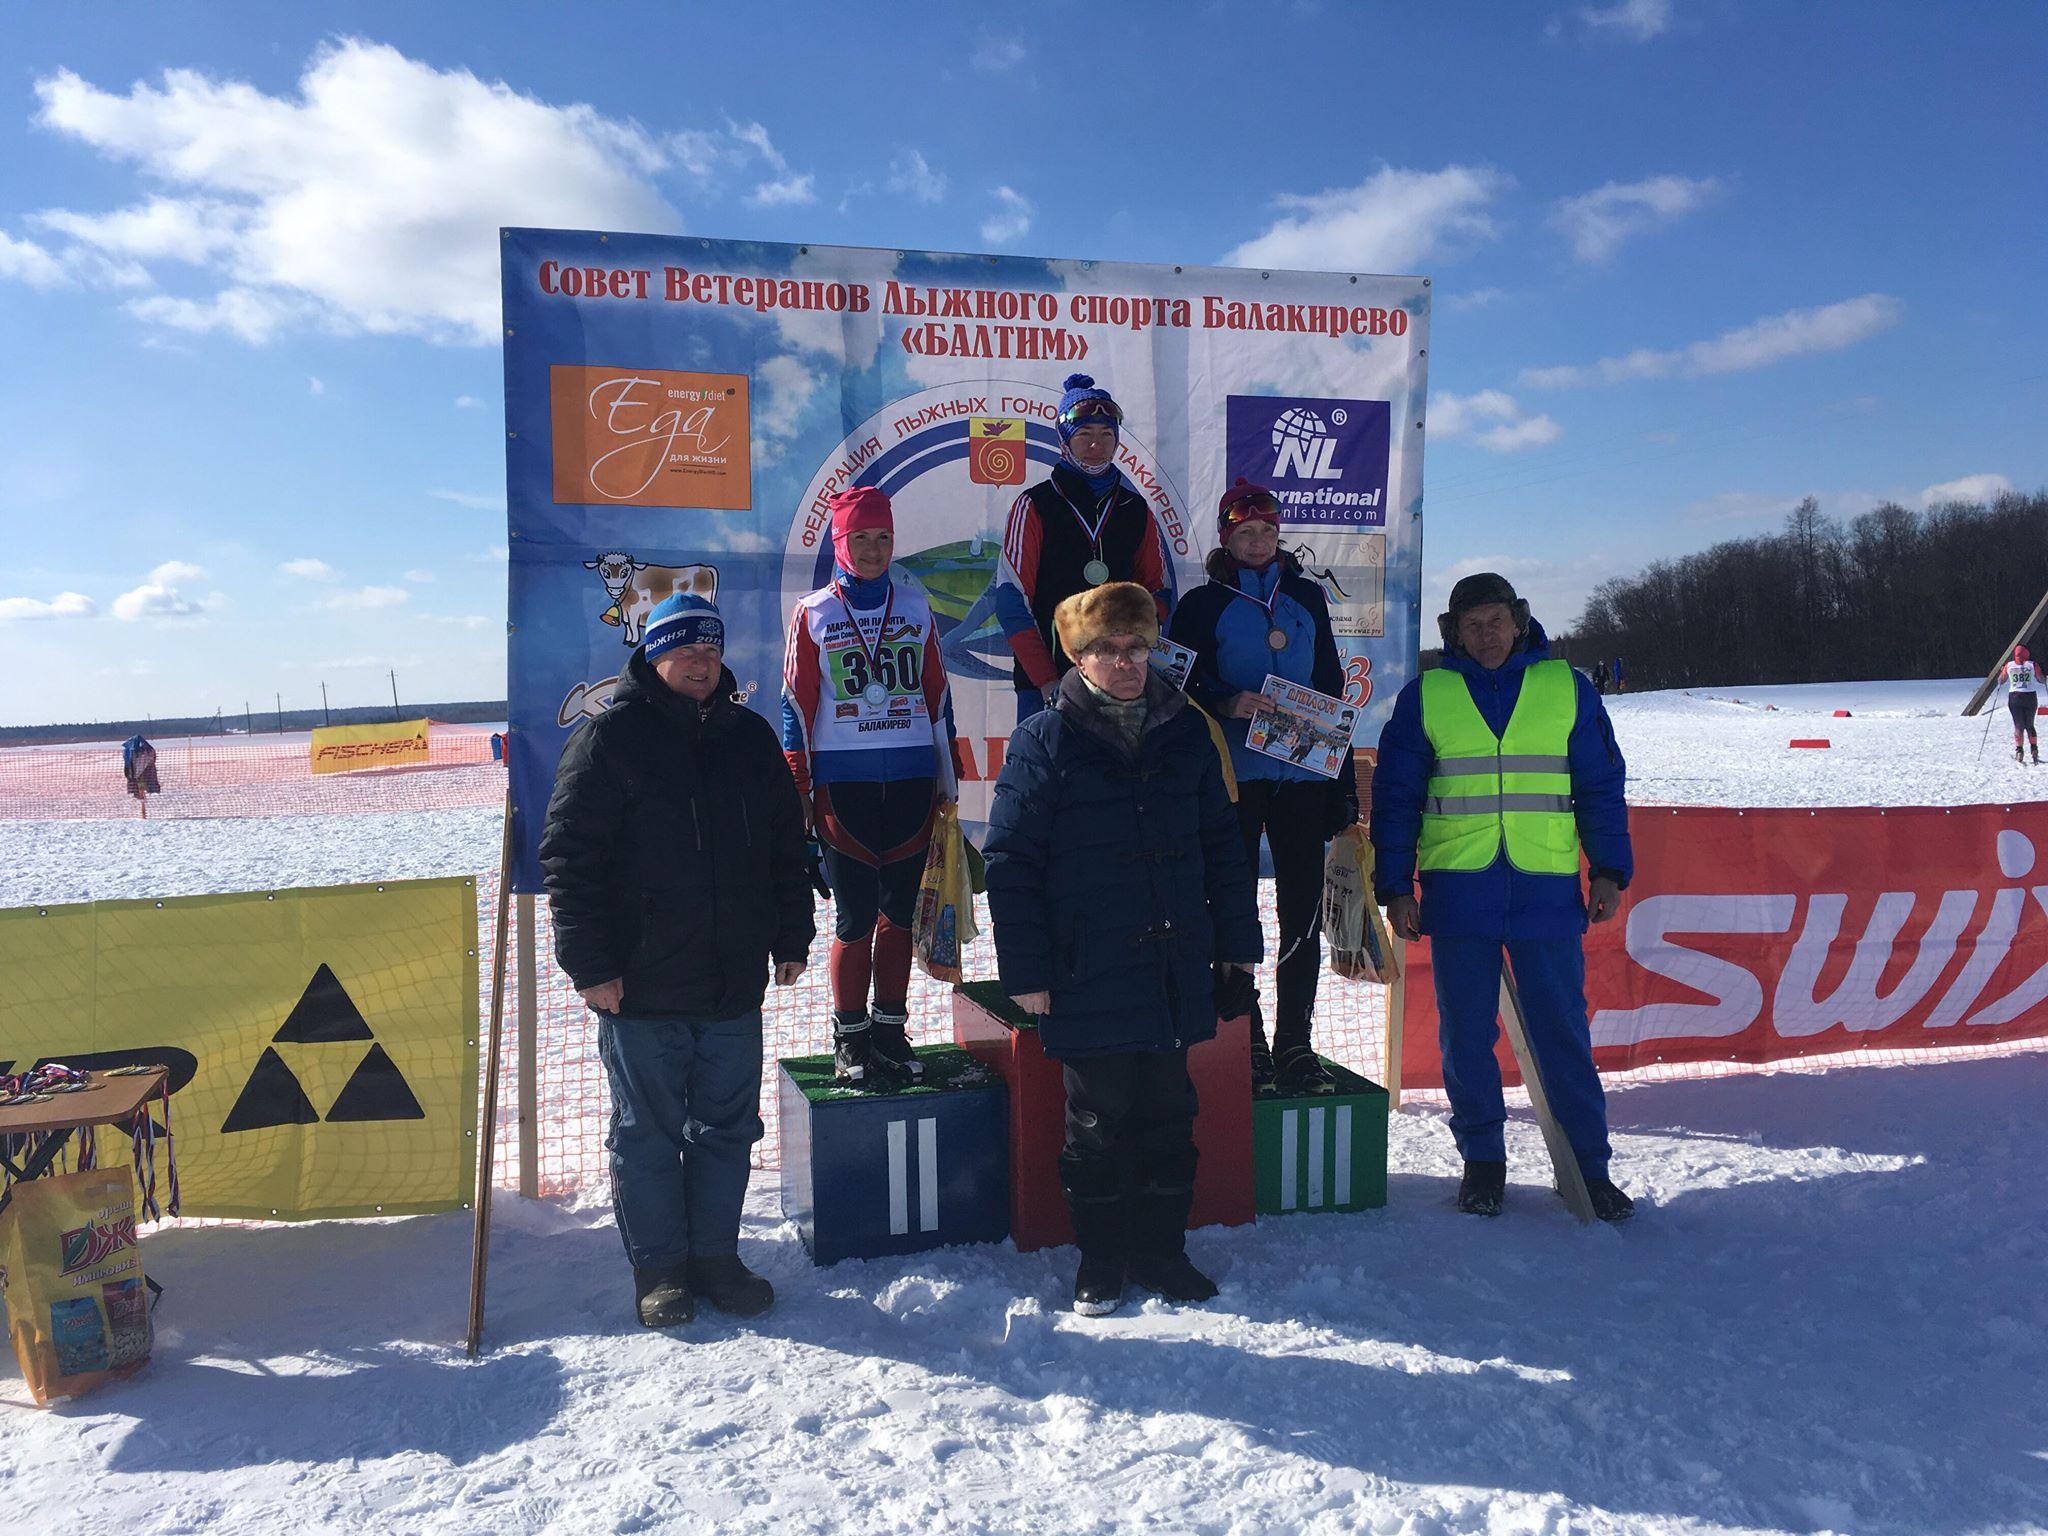 Лыжный марафон памяти Молева в Балакирево, 17 марта 2018. Награждение призеров в группе Ж1